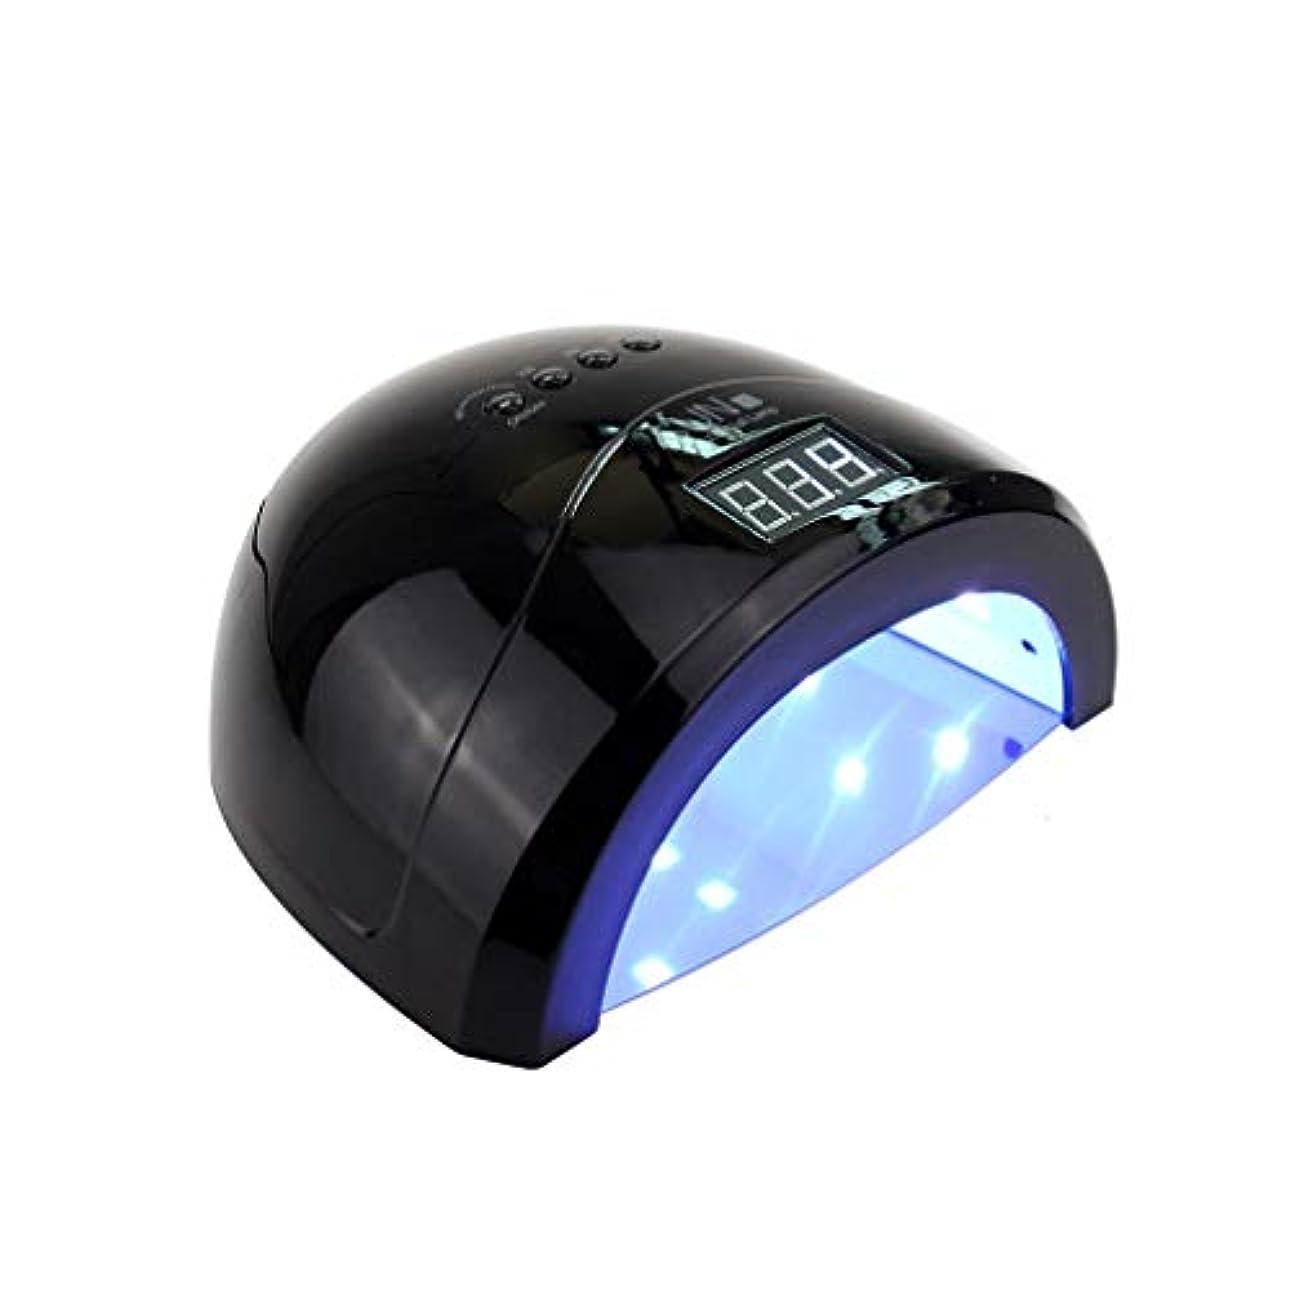 ミネラル地球土砂降りデュアル光源UV/LEDネイルライト、ジェルネイルポリッシュ用48Wスマートネイルドライヤー、時限設定、クイックドライ、ブラックハンドなし(ブラック)